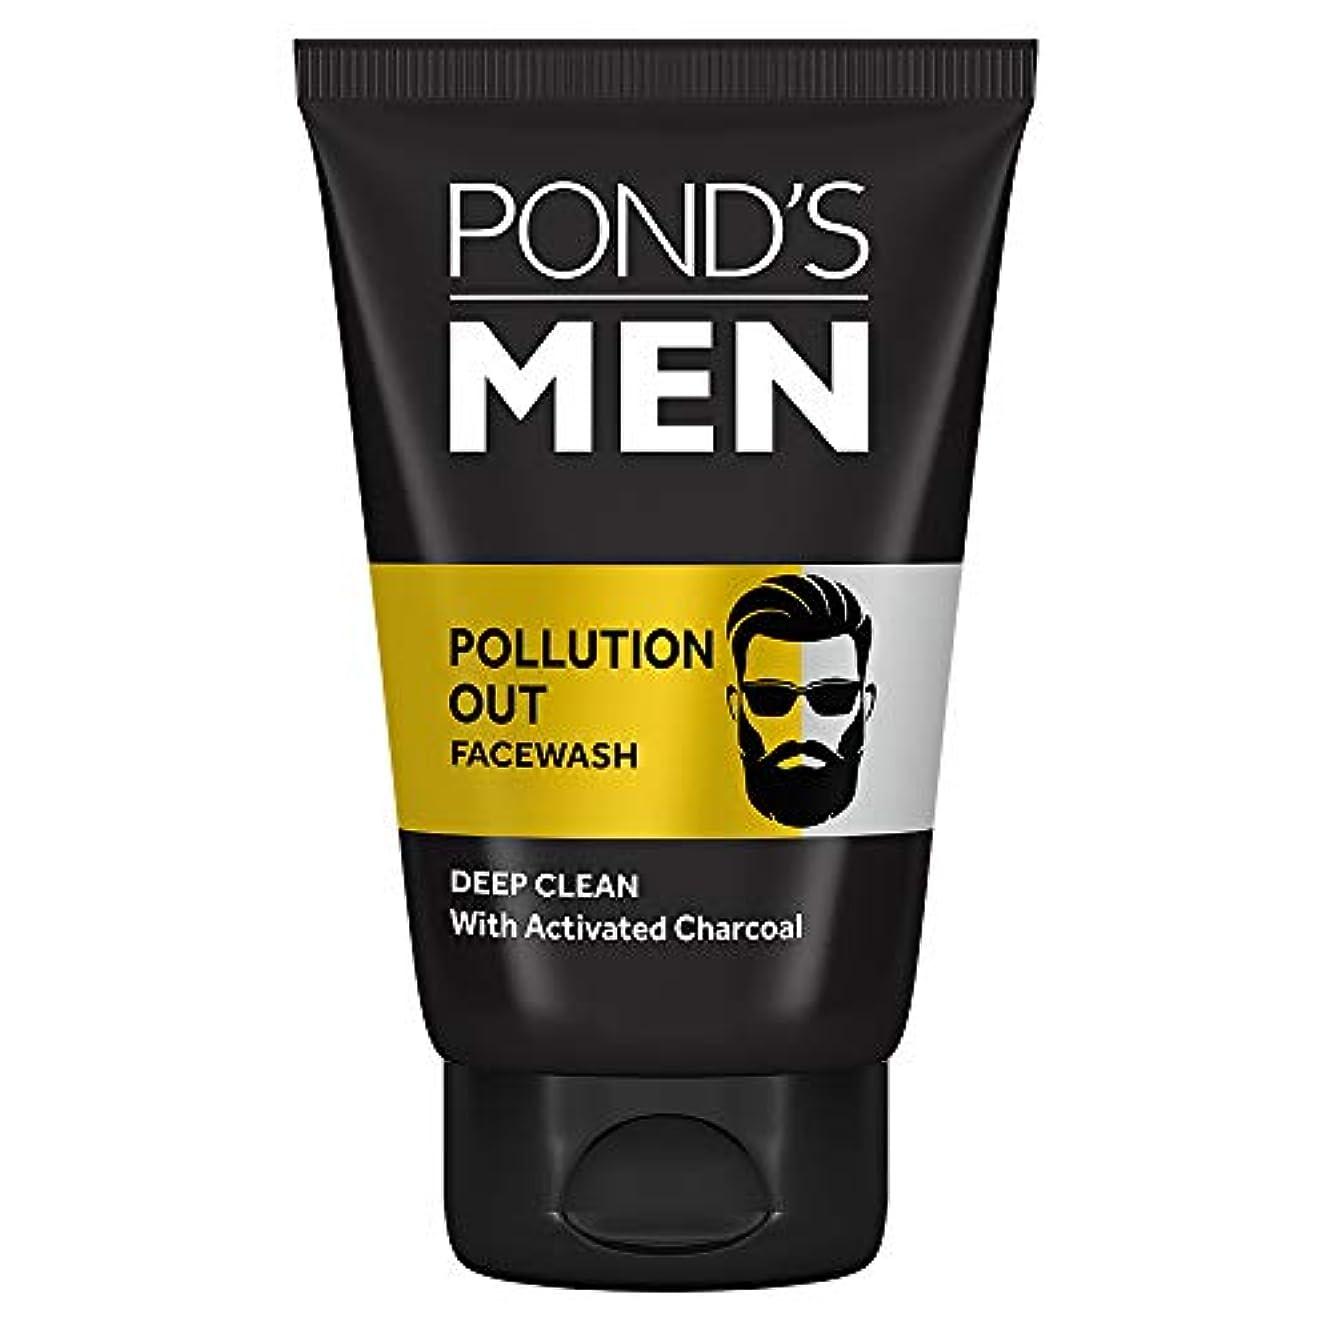 ジュース同意するなにPond's Men Pollution Out Activated Charcoal Deep Clean Facewash, 50 g